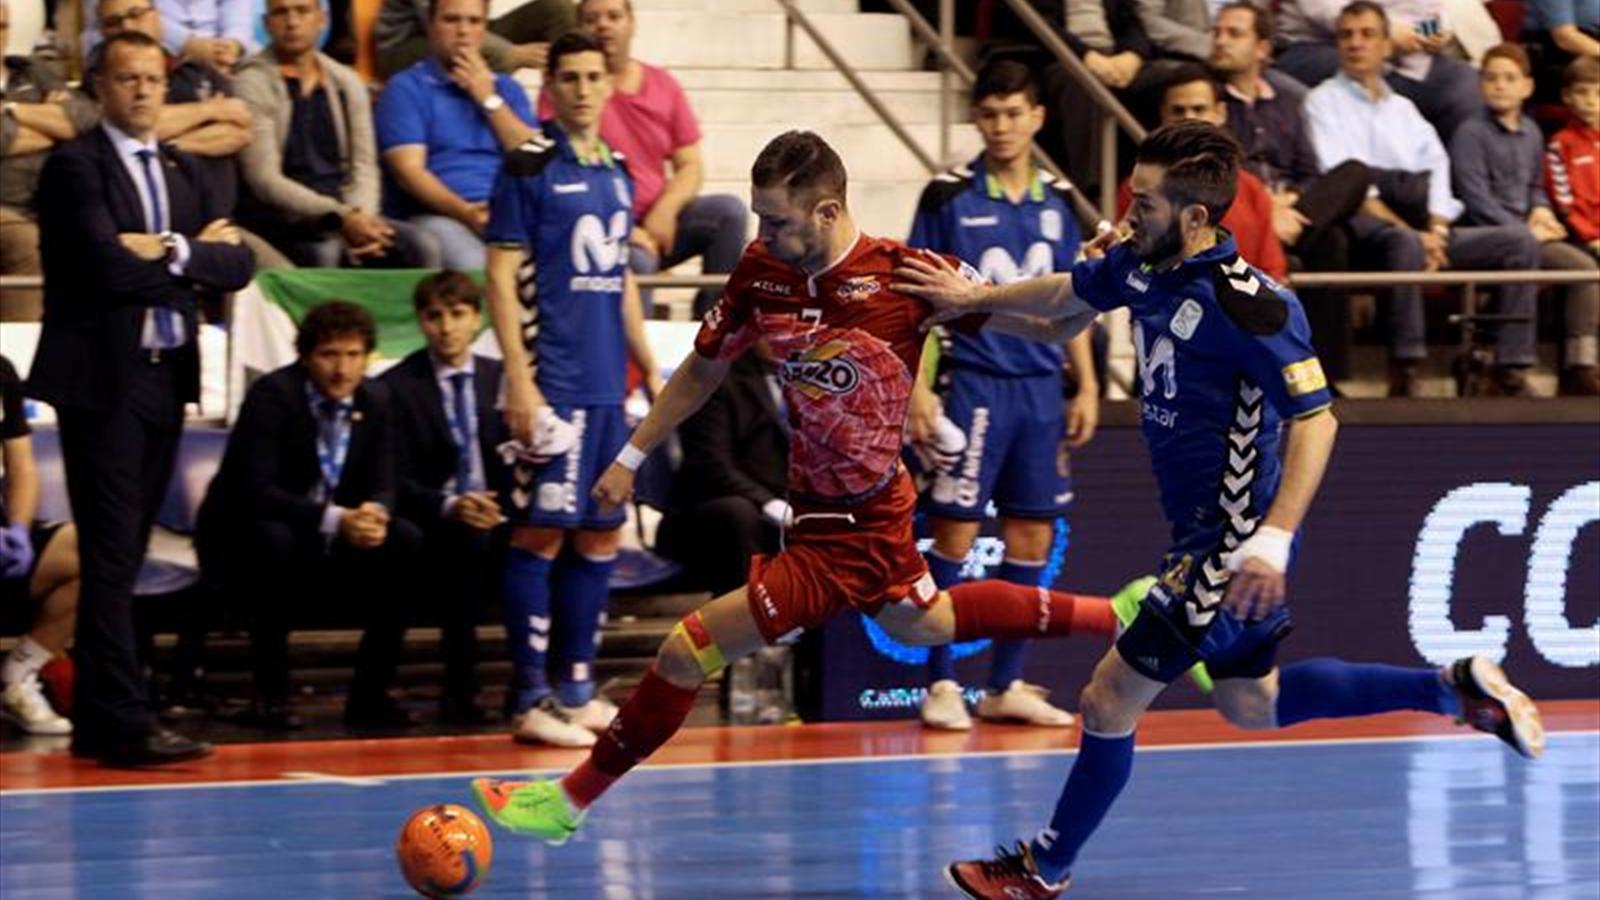 Burela, Cartagena y Gran Canaria compiten contra el descenso - Eurosport